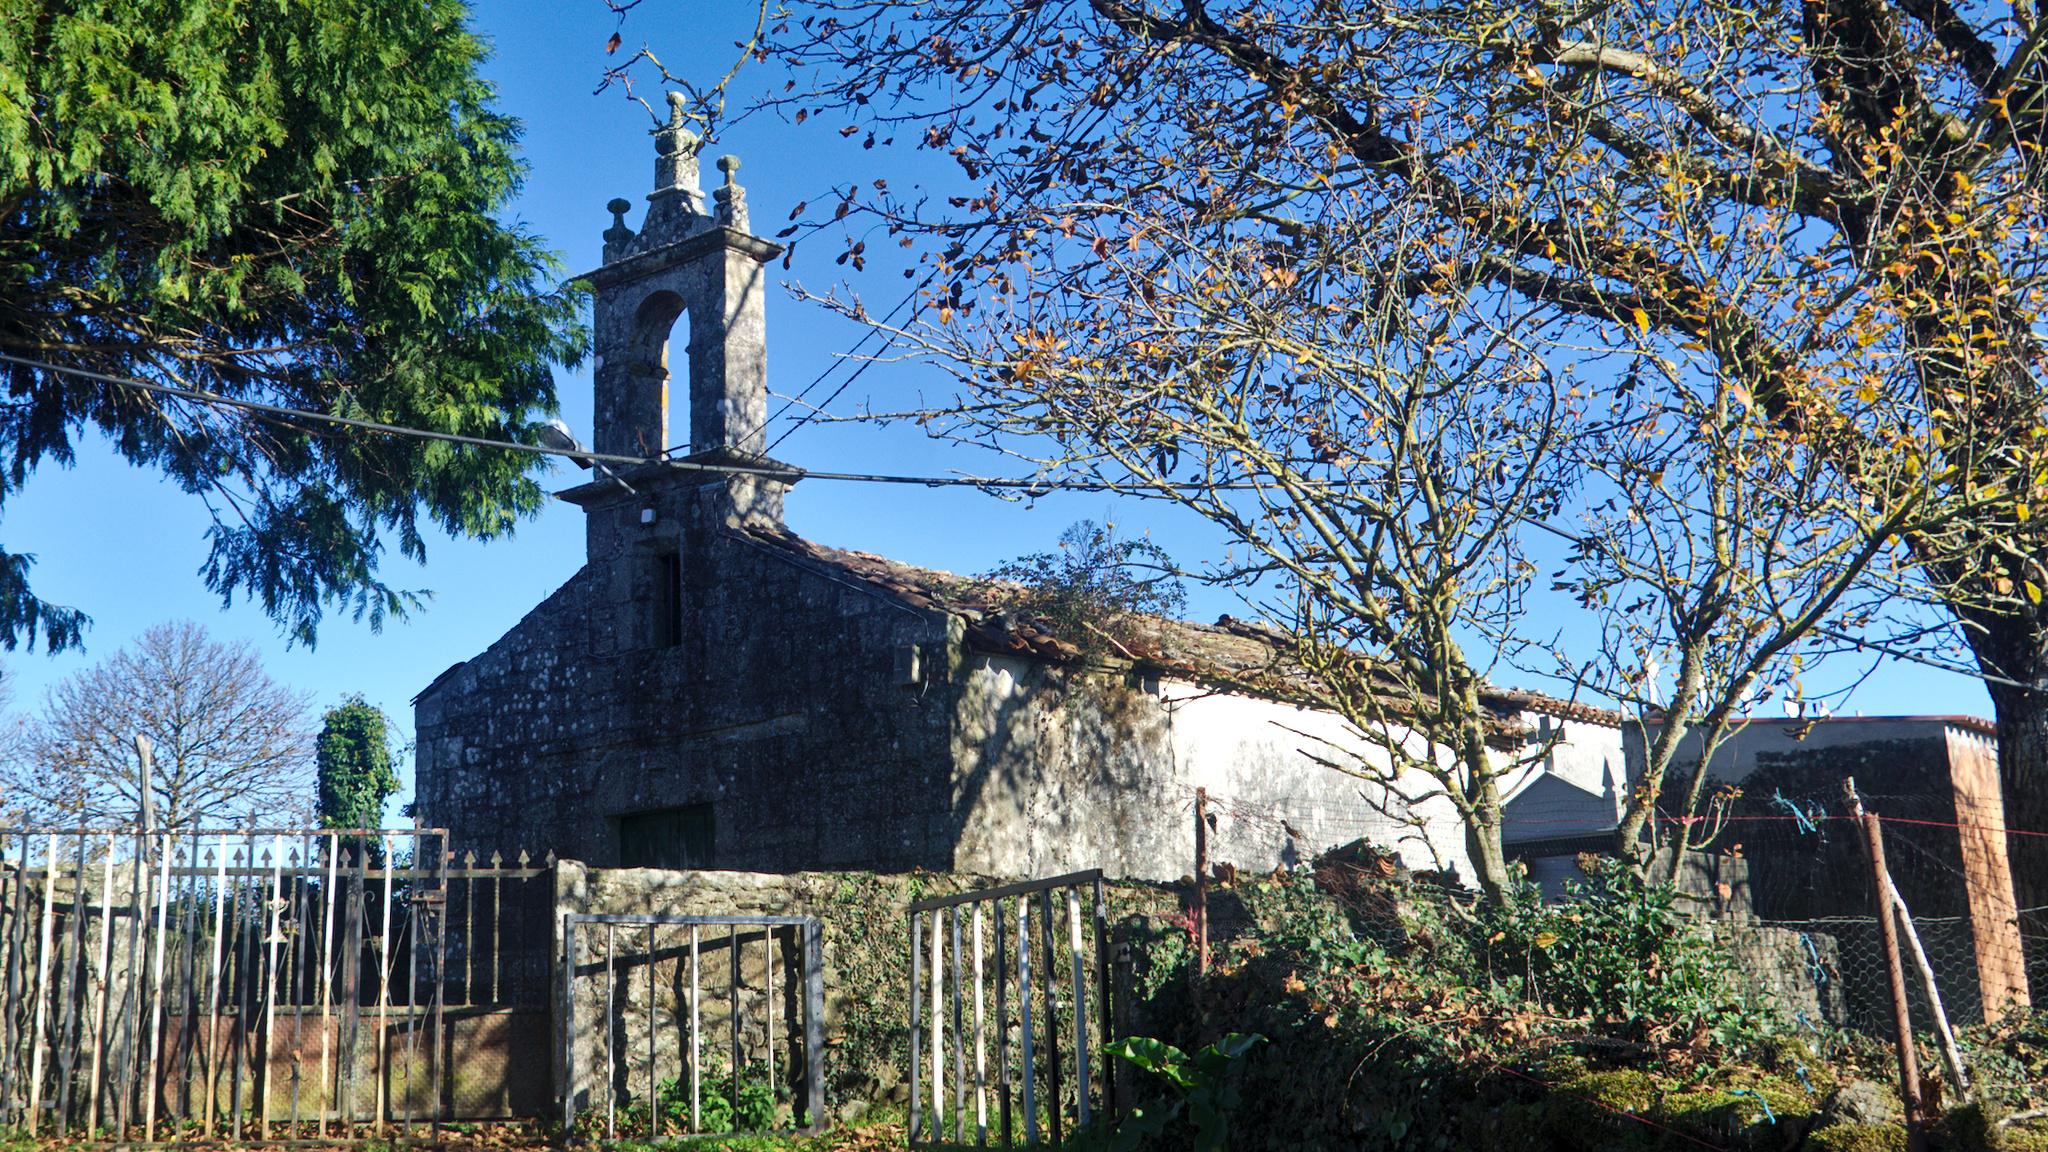 Igrexa vella de Santa María de Vimianzo